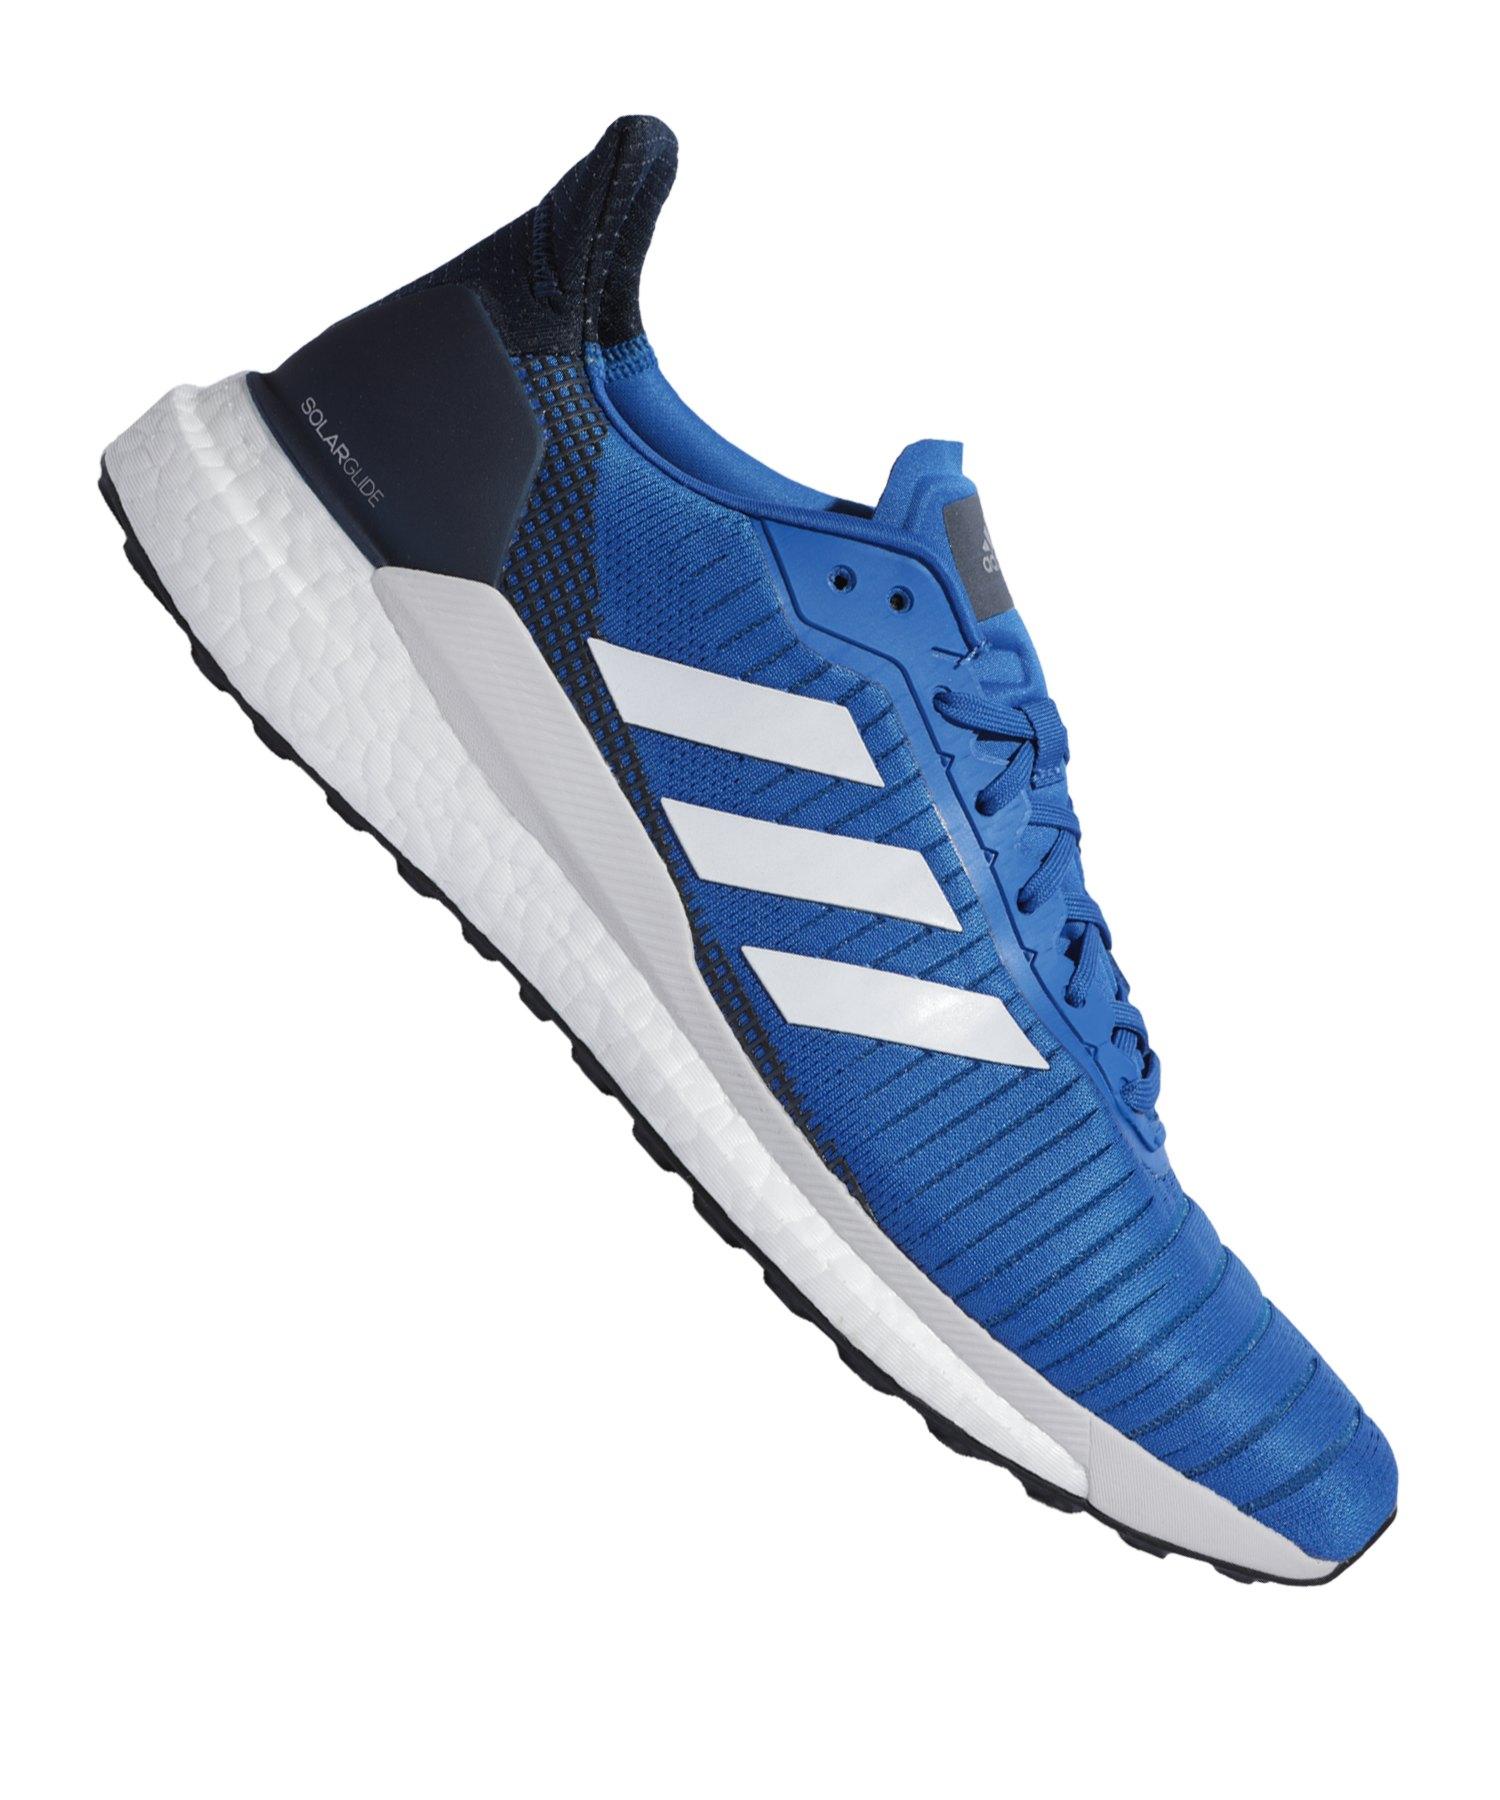 adidas Solar Glide 19 Running Blau Weiss